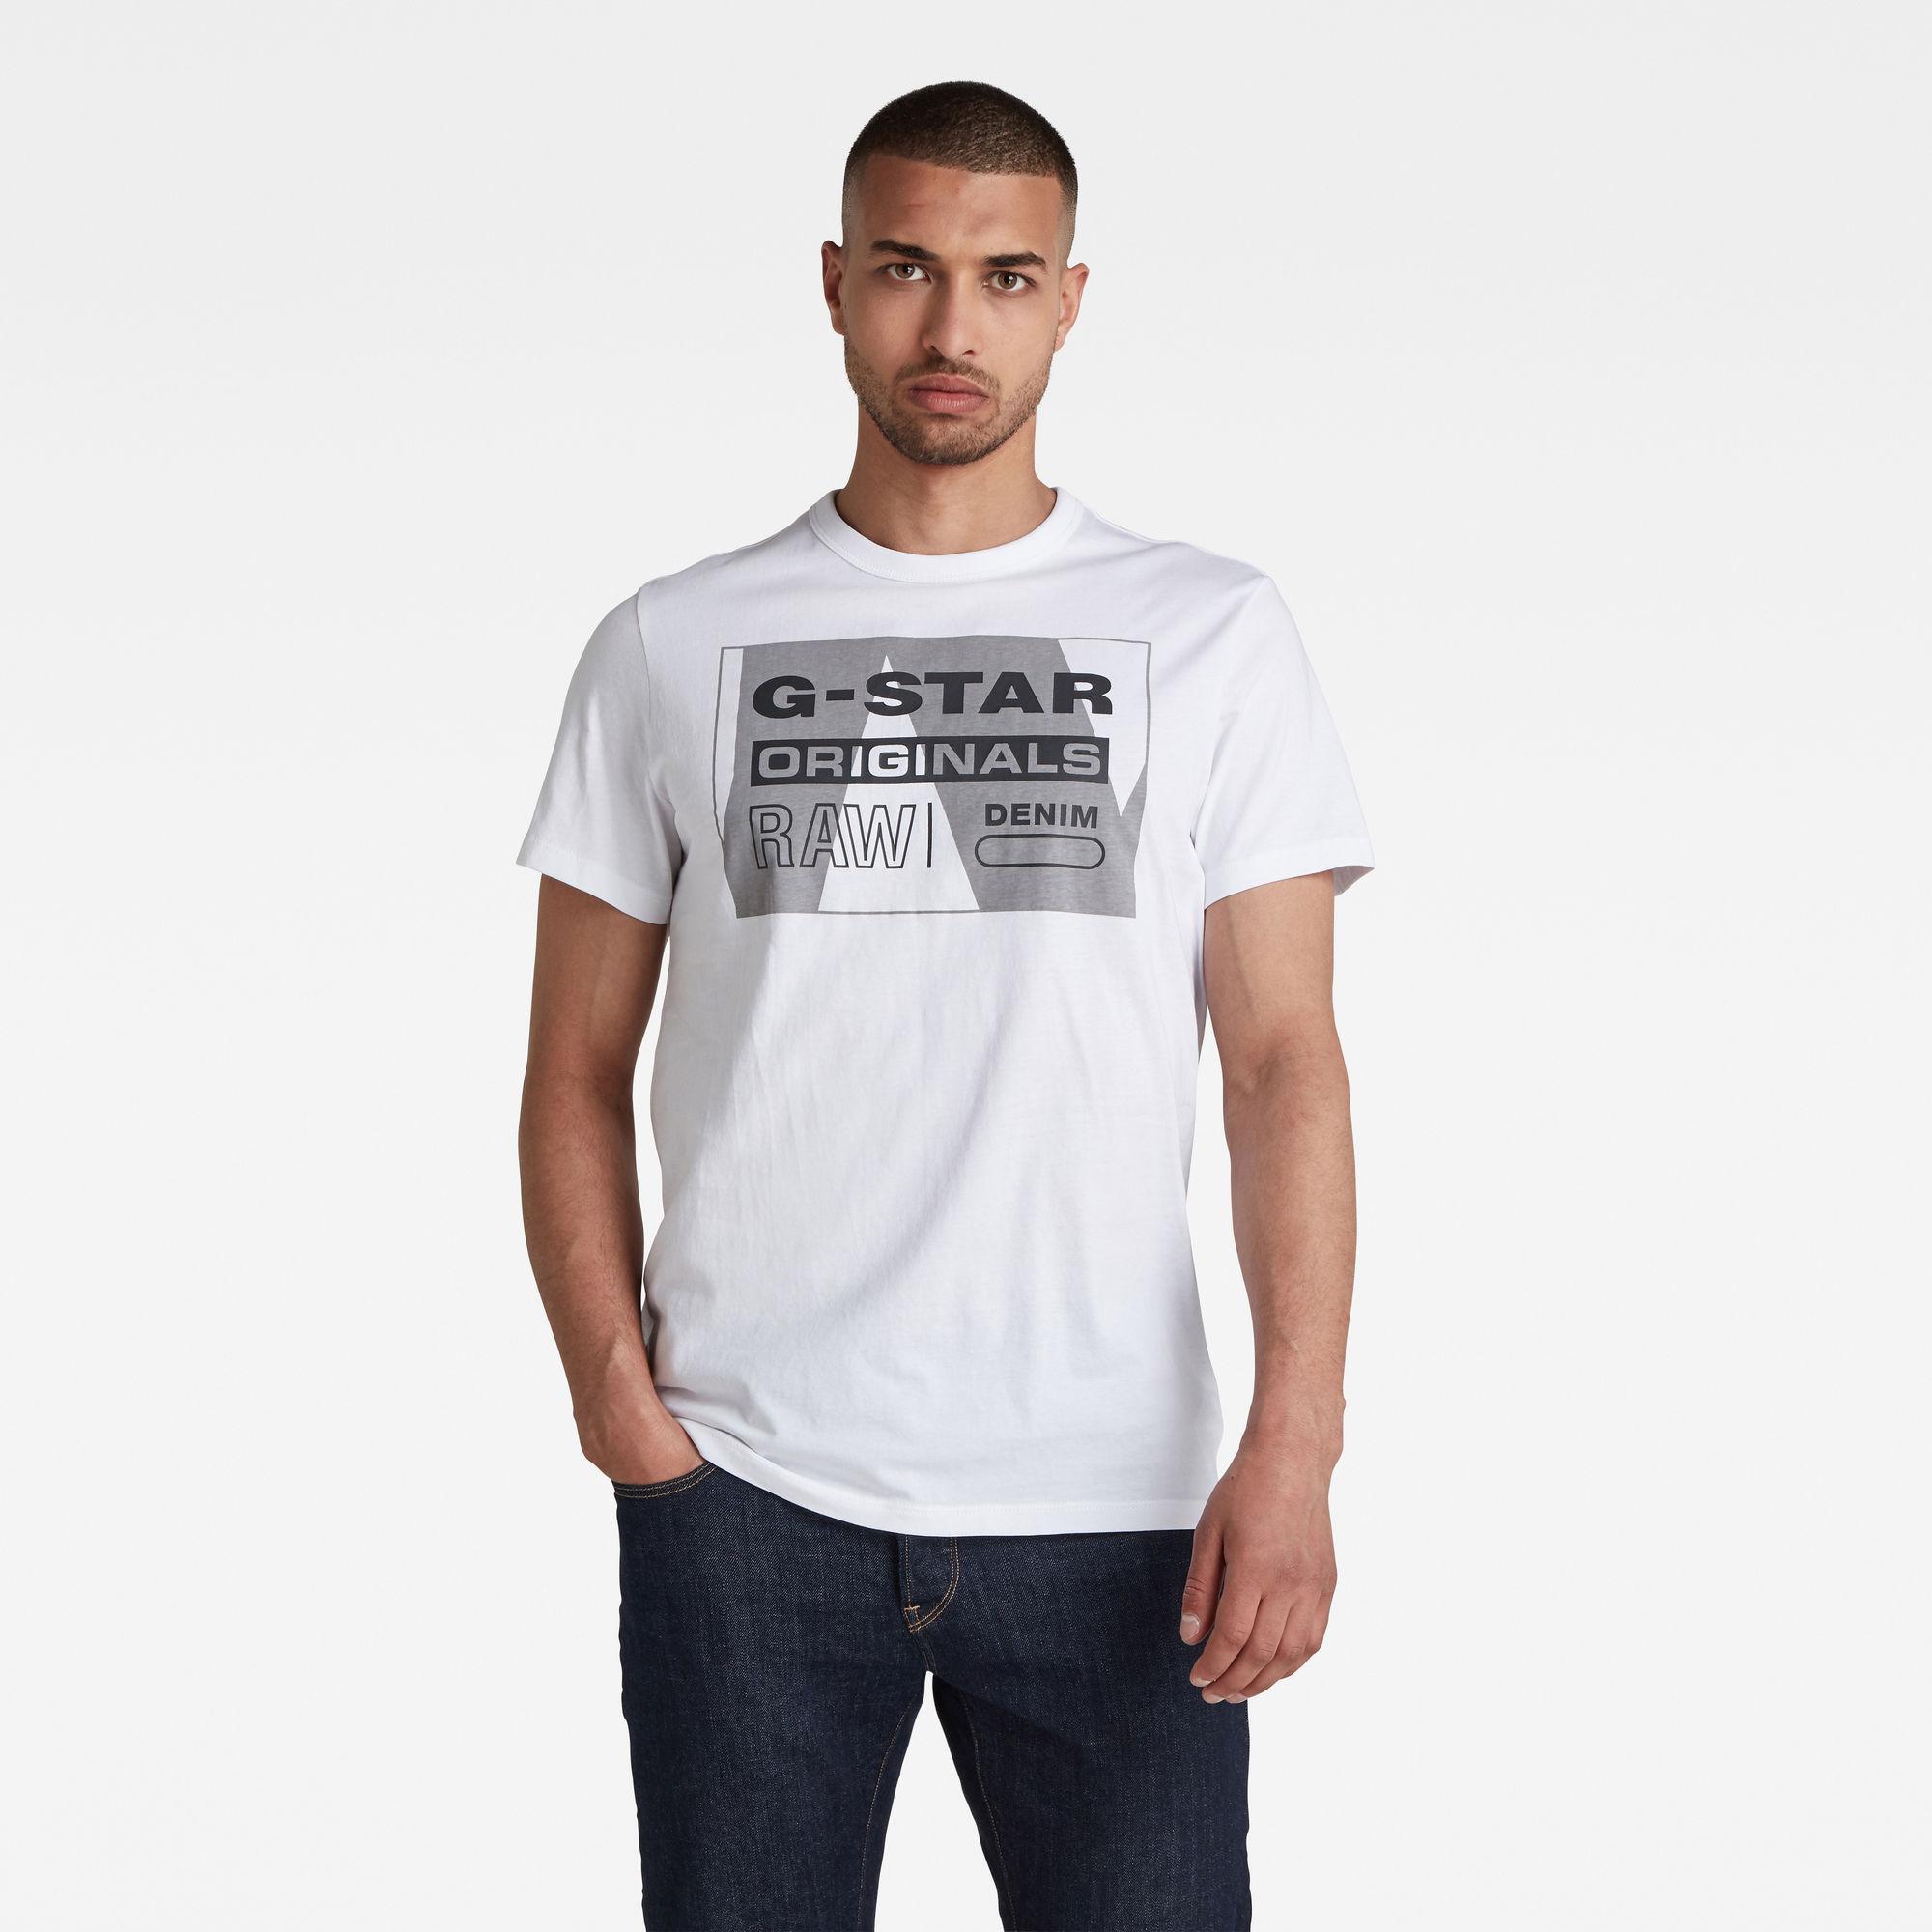 G-Star RAW Heren Layer Originals Logo GR T-Shirt Wit